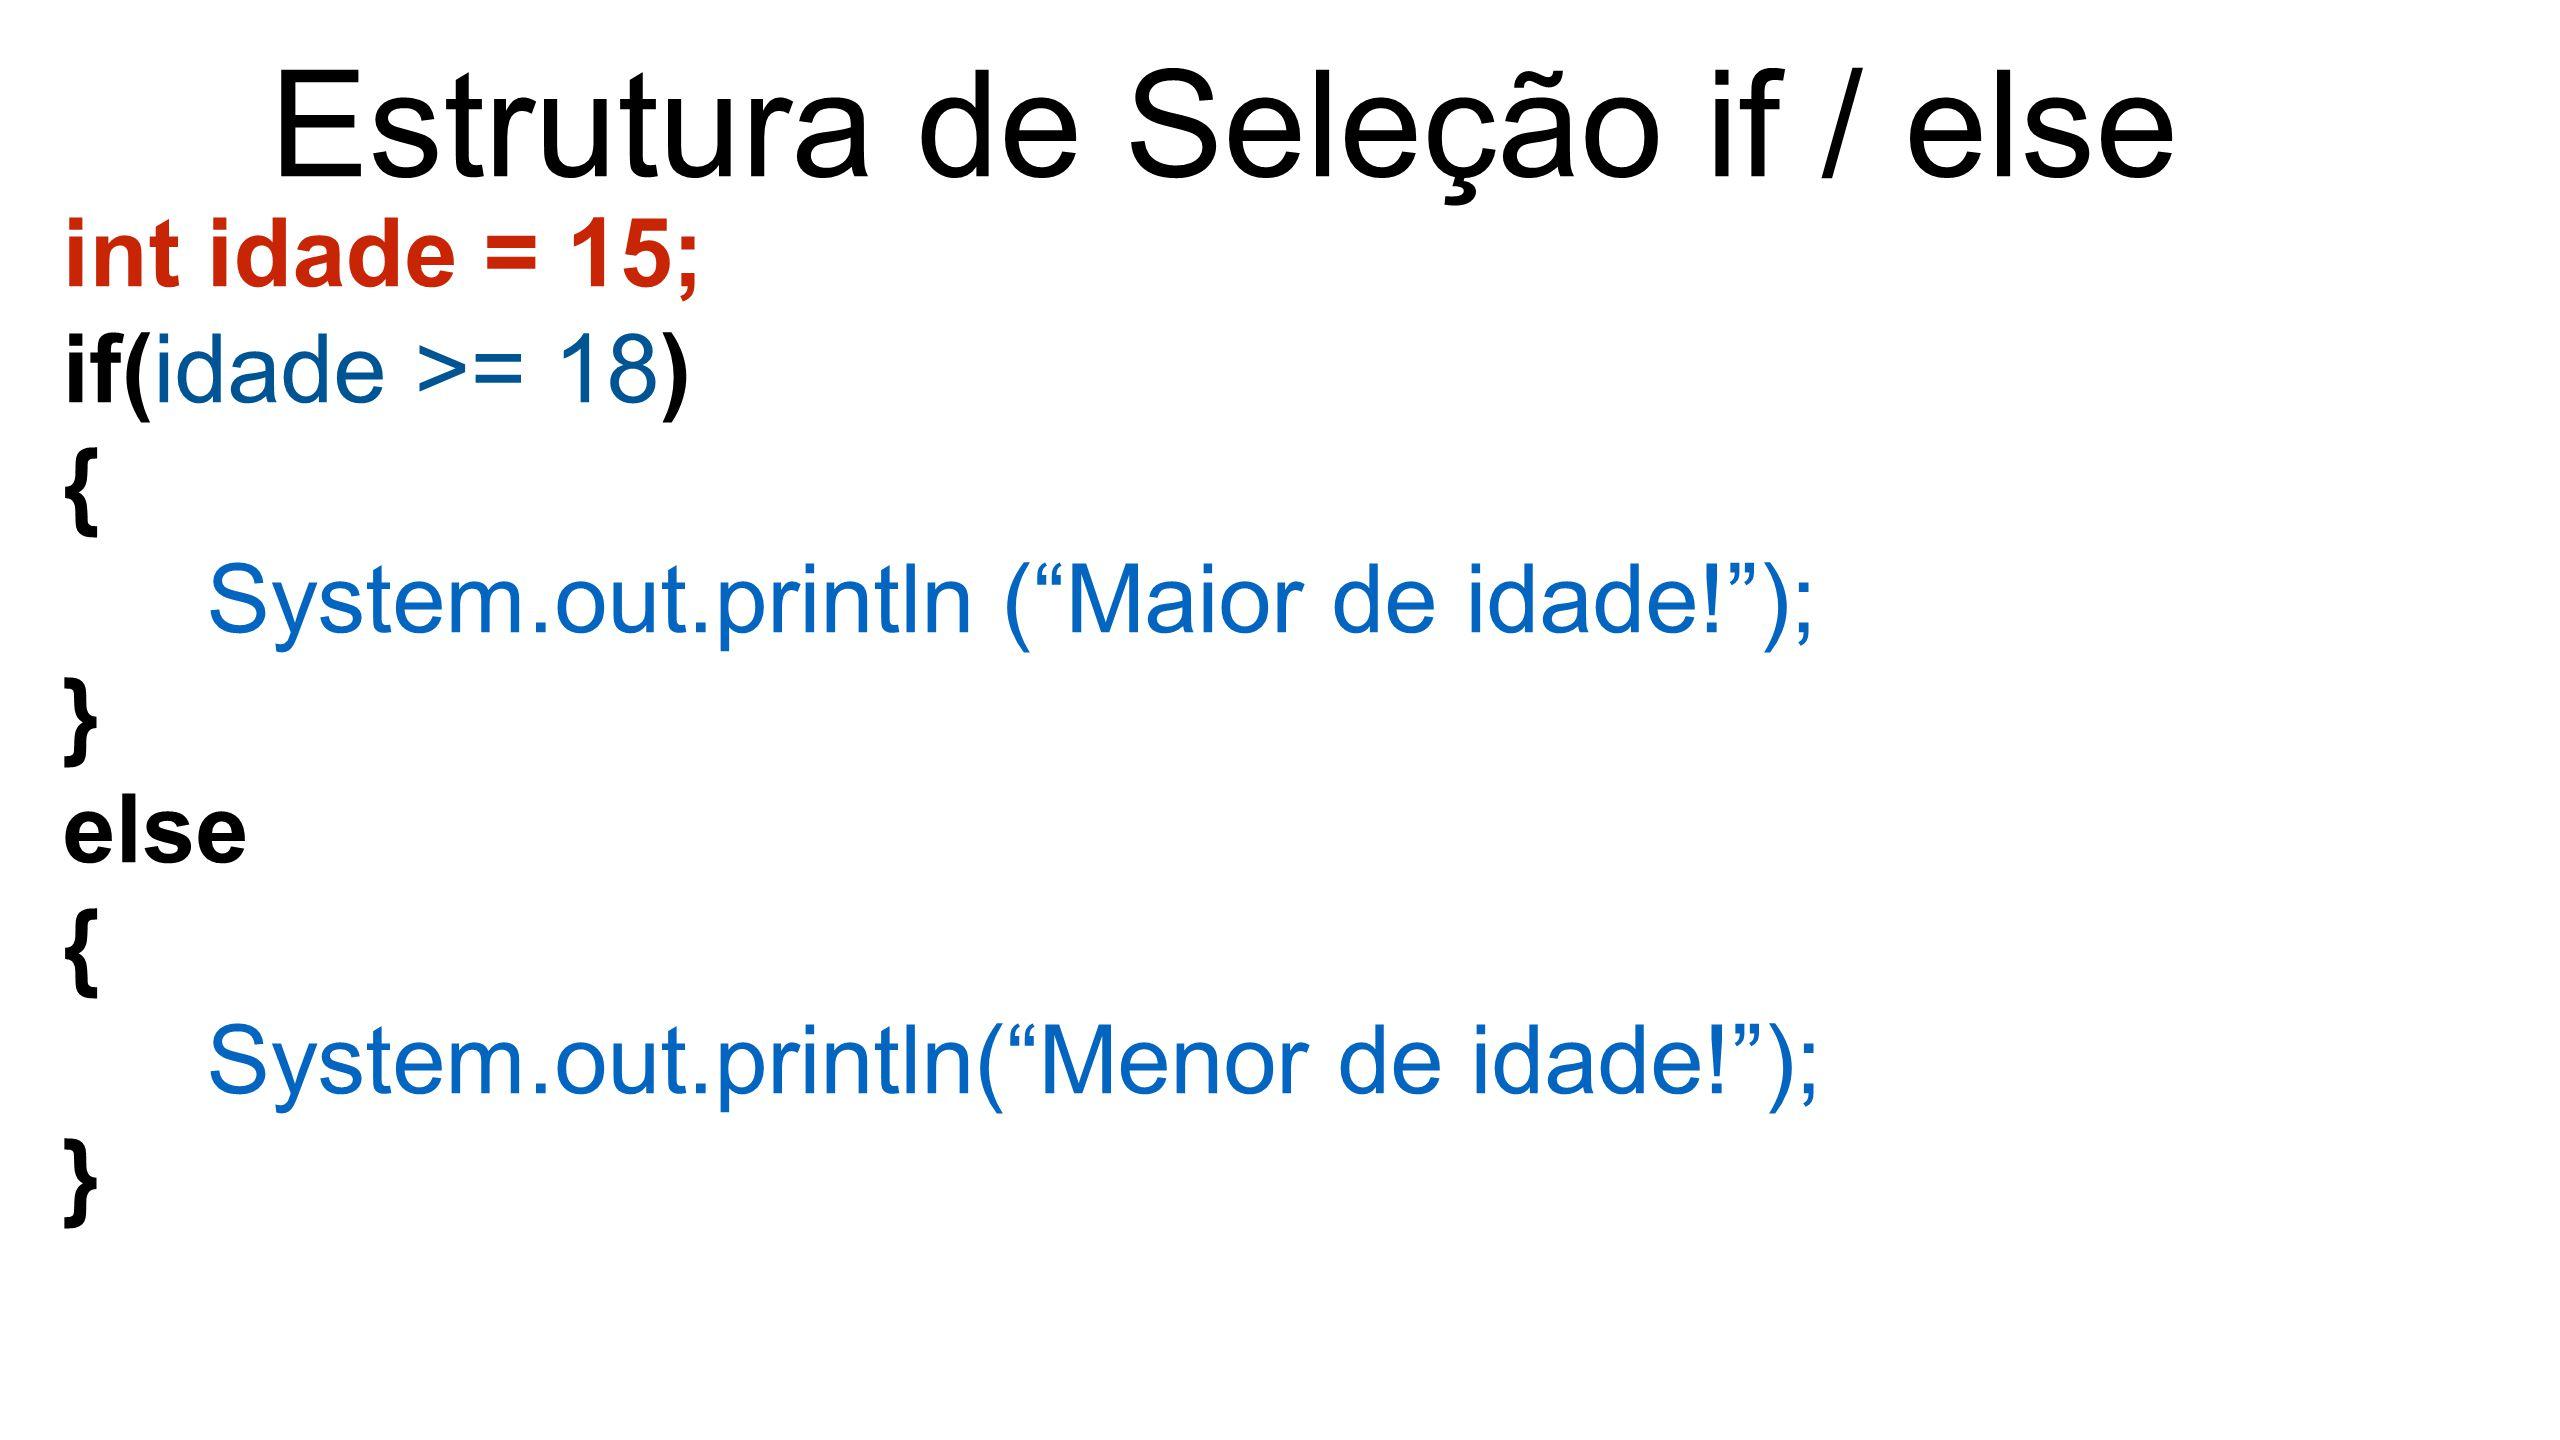 """Estrutura de Seleção if / else int idade = 15; if(idade >= 18) { System.out.println (""""Maior de idade!""""); } else { System.out.println(""""Menor de idade!"""""""